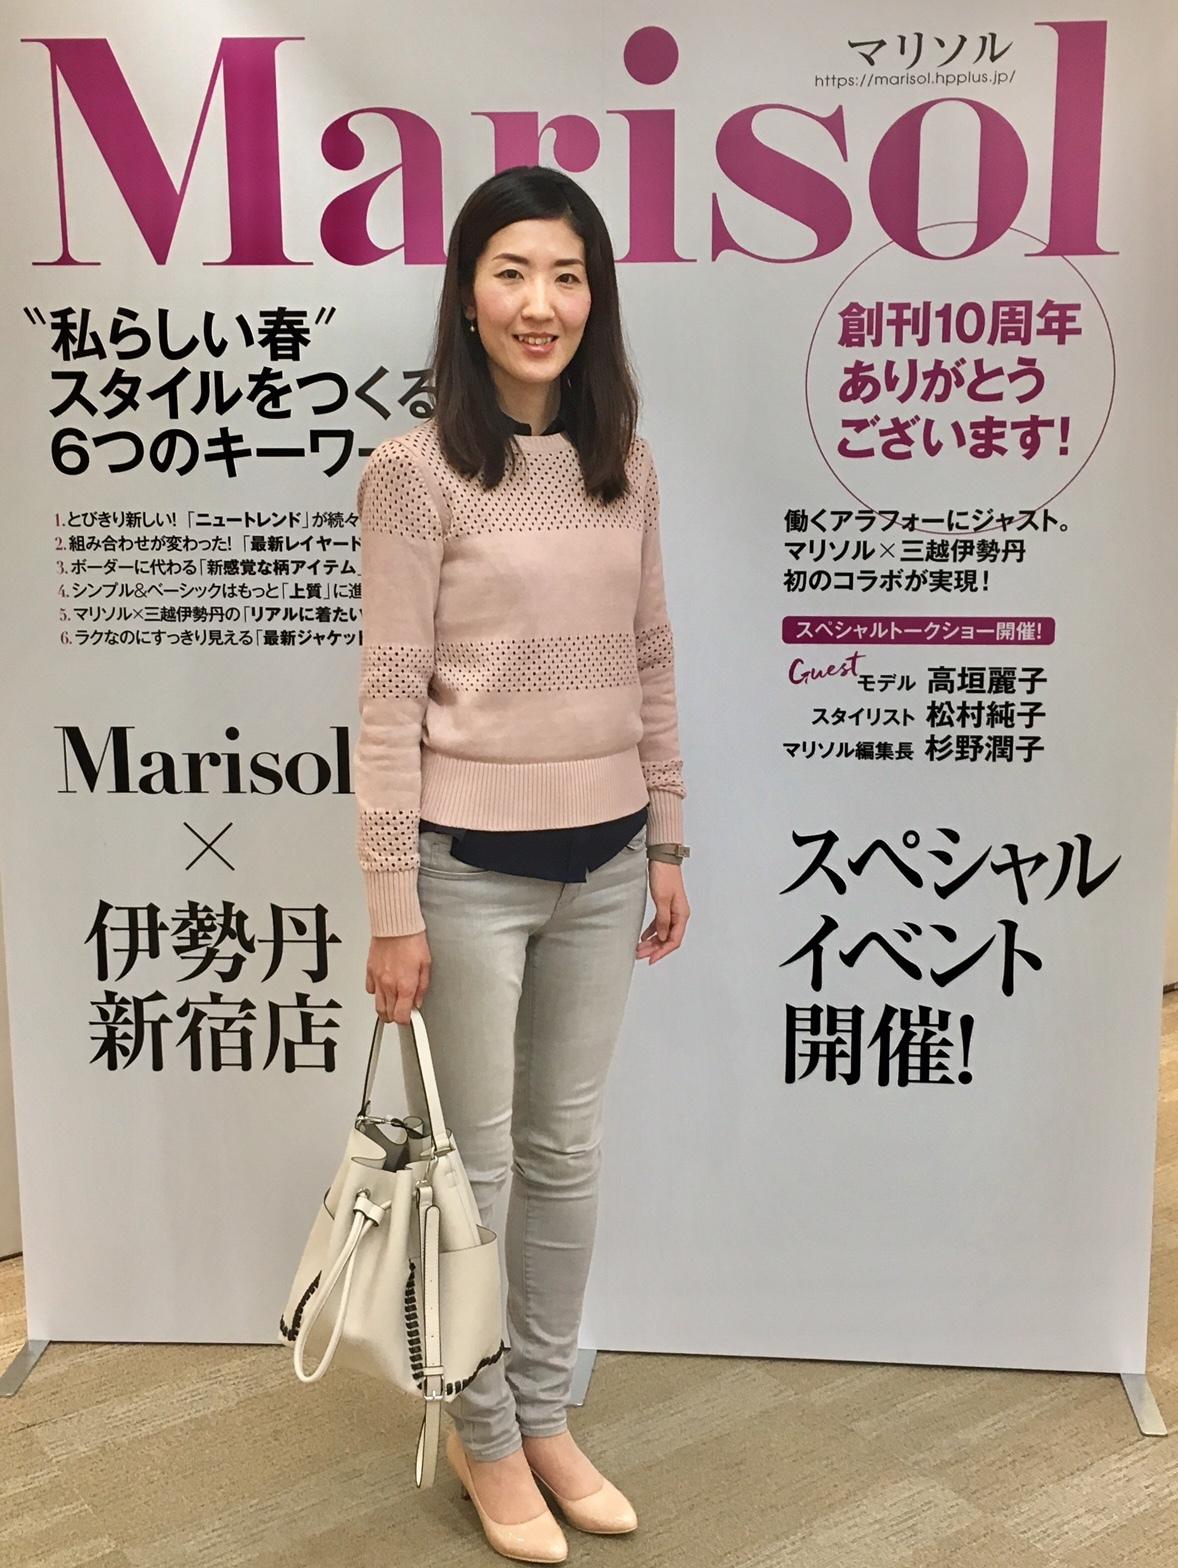 マリソル×伊勢丹新宿店 スペシャルトークショー_1_3-3